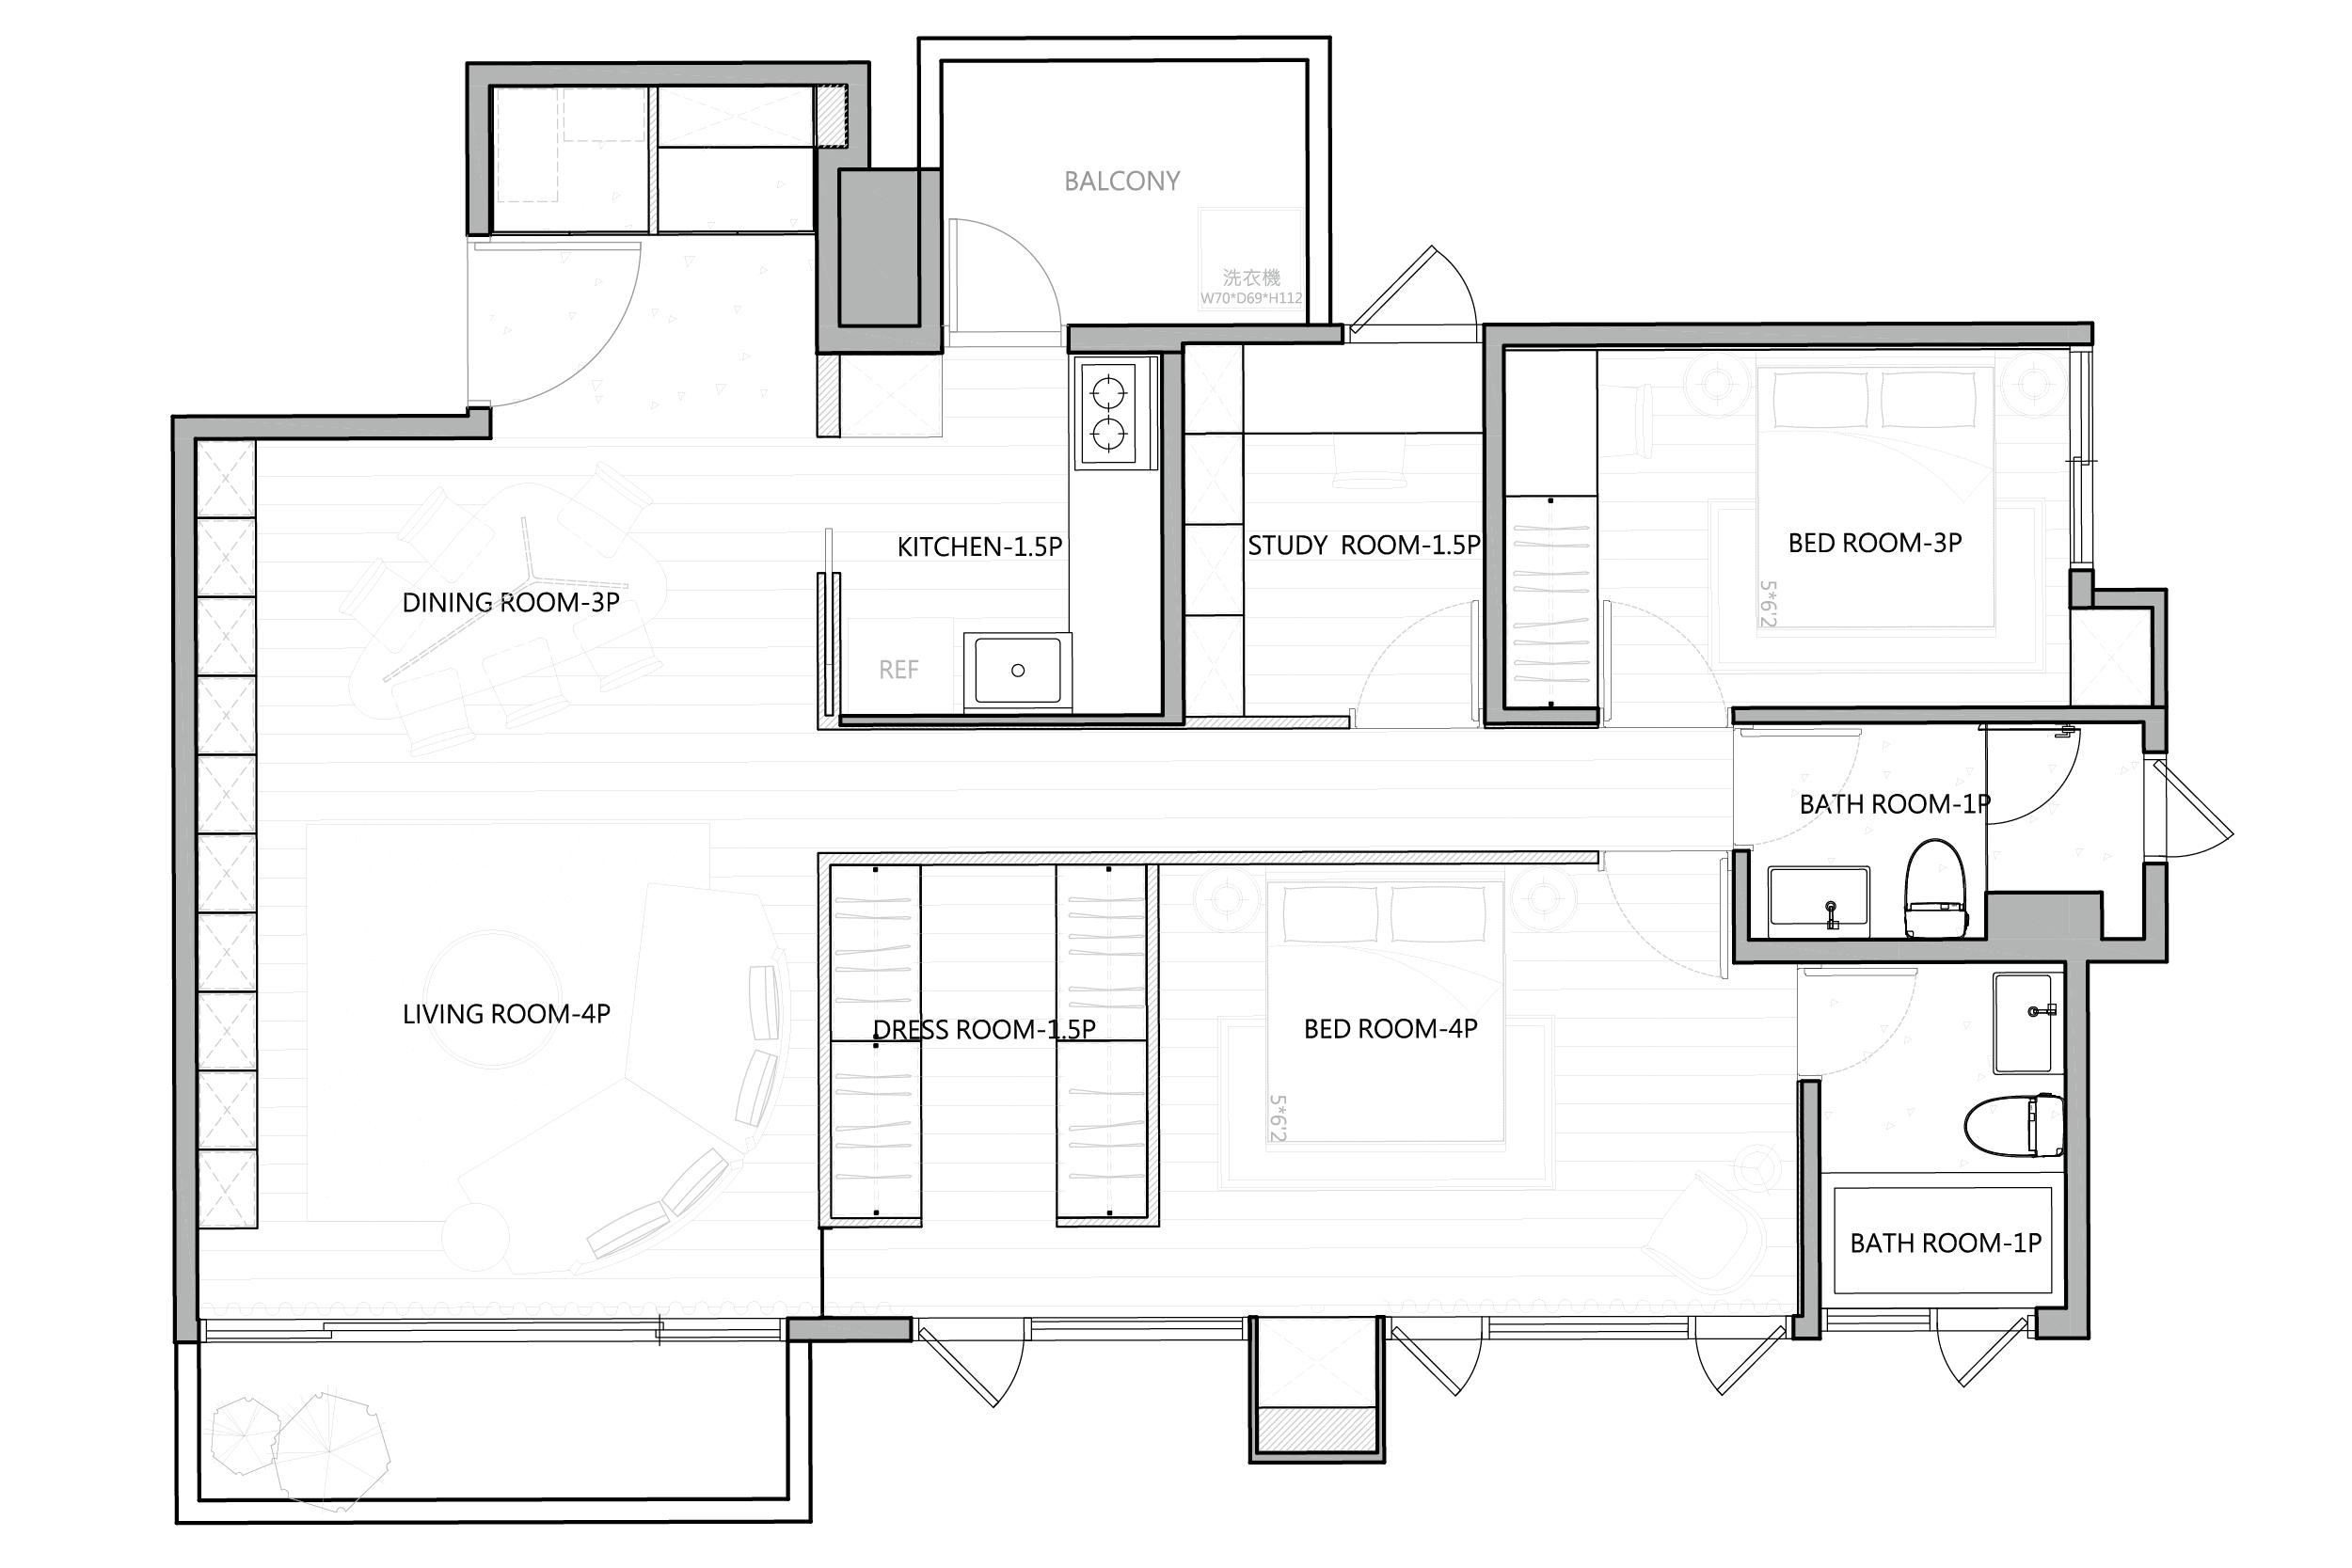 绿城百合-现代简约-130平米装修设计理念